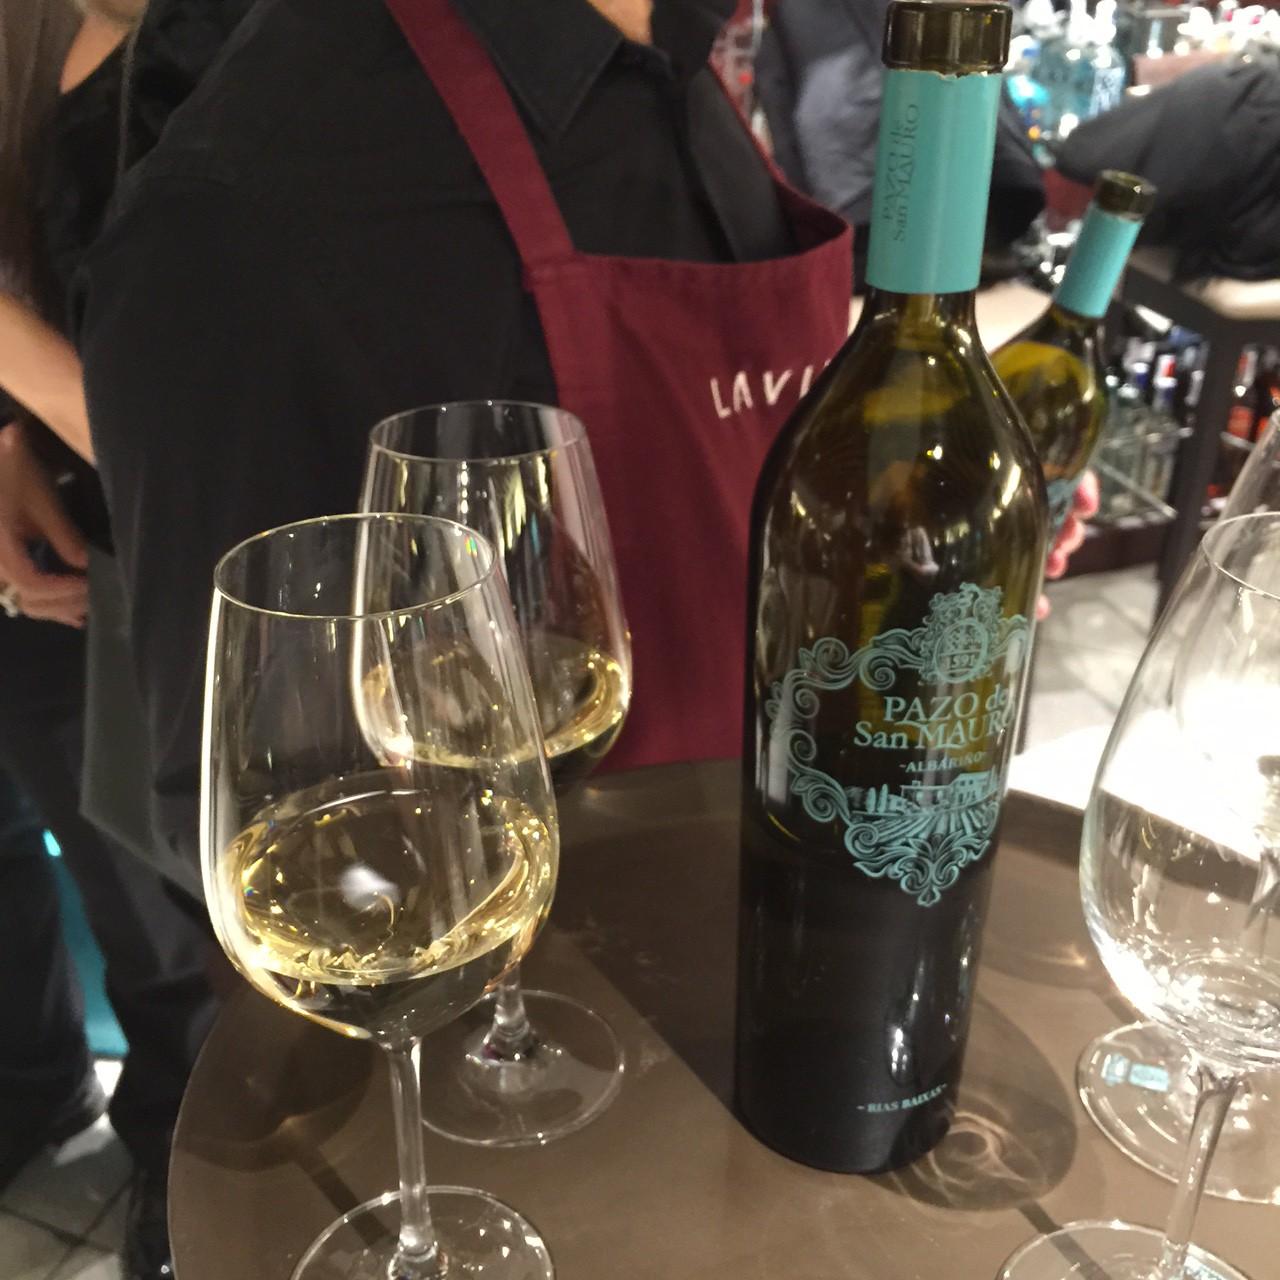 lifestyle, vino, paso san mauro, marques de vargas, bodegas, albariño, lavinia, vino blanco, style, gastro, guiadeestilo